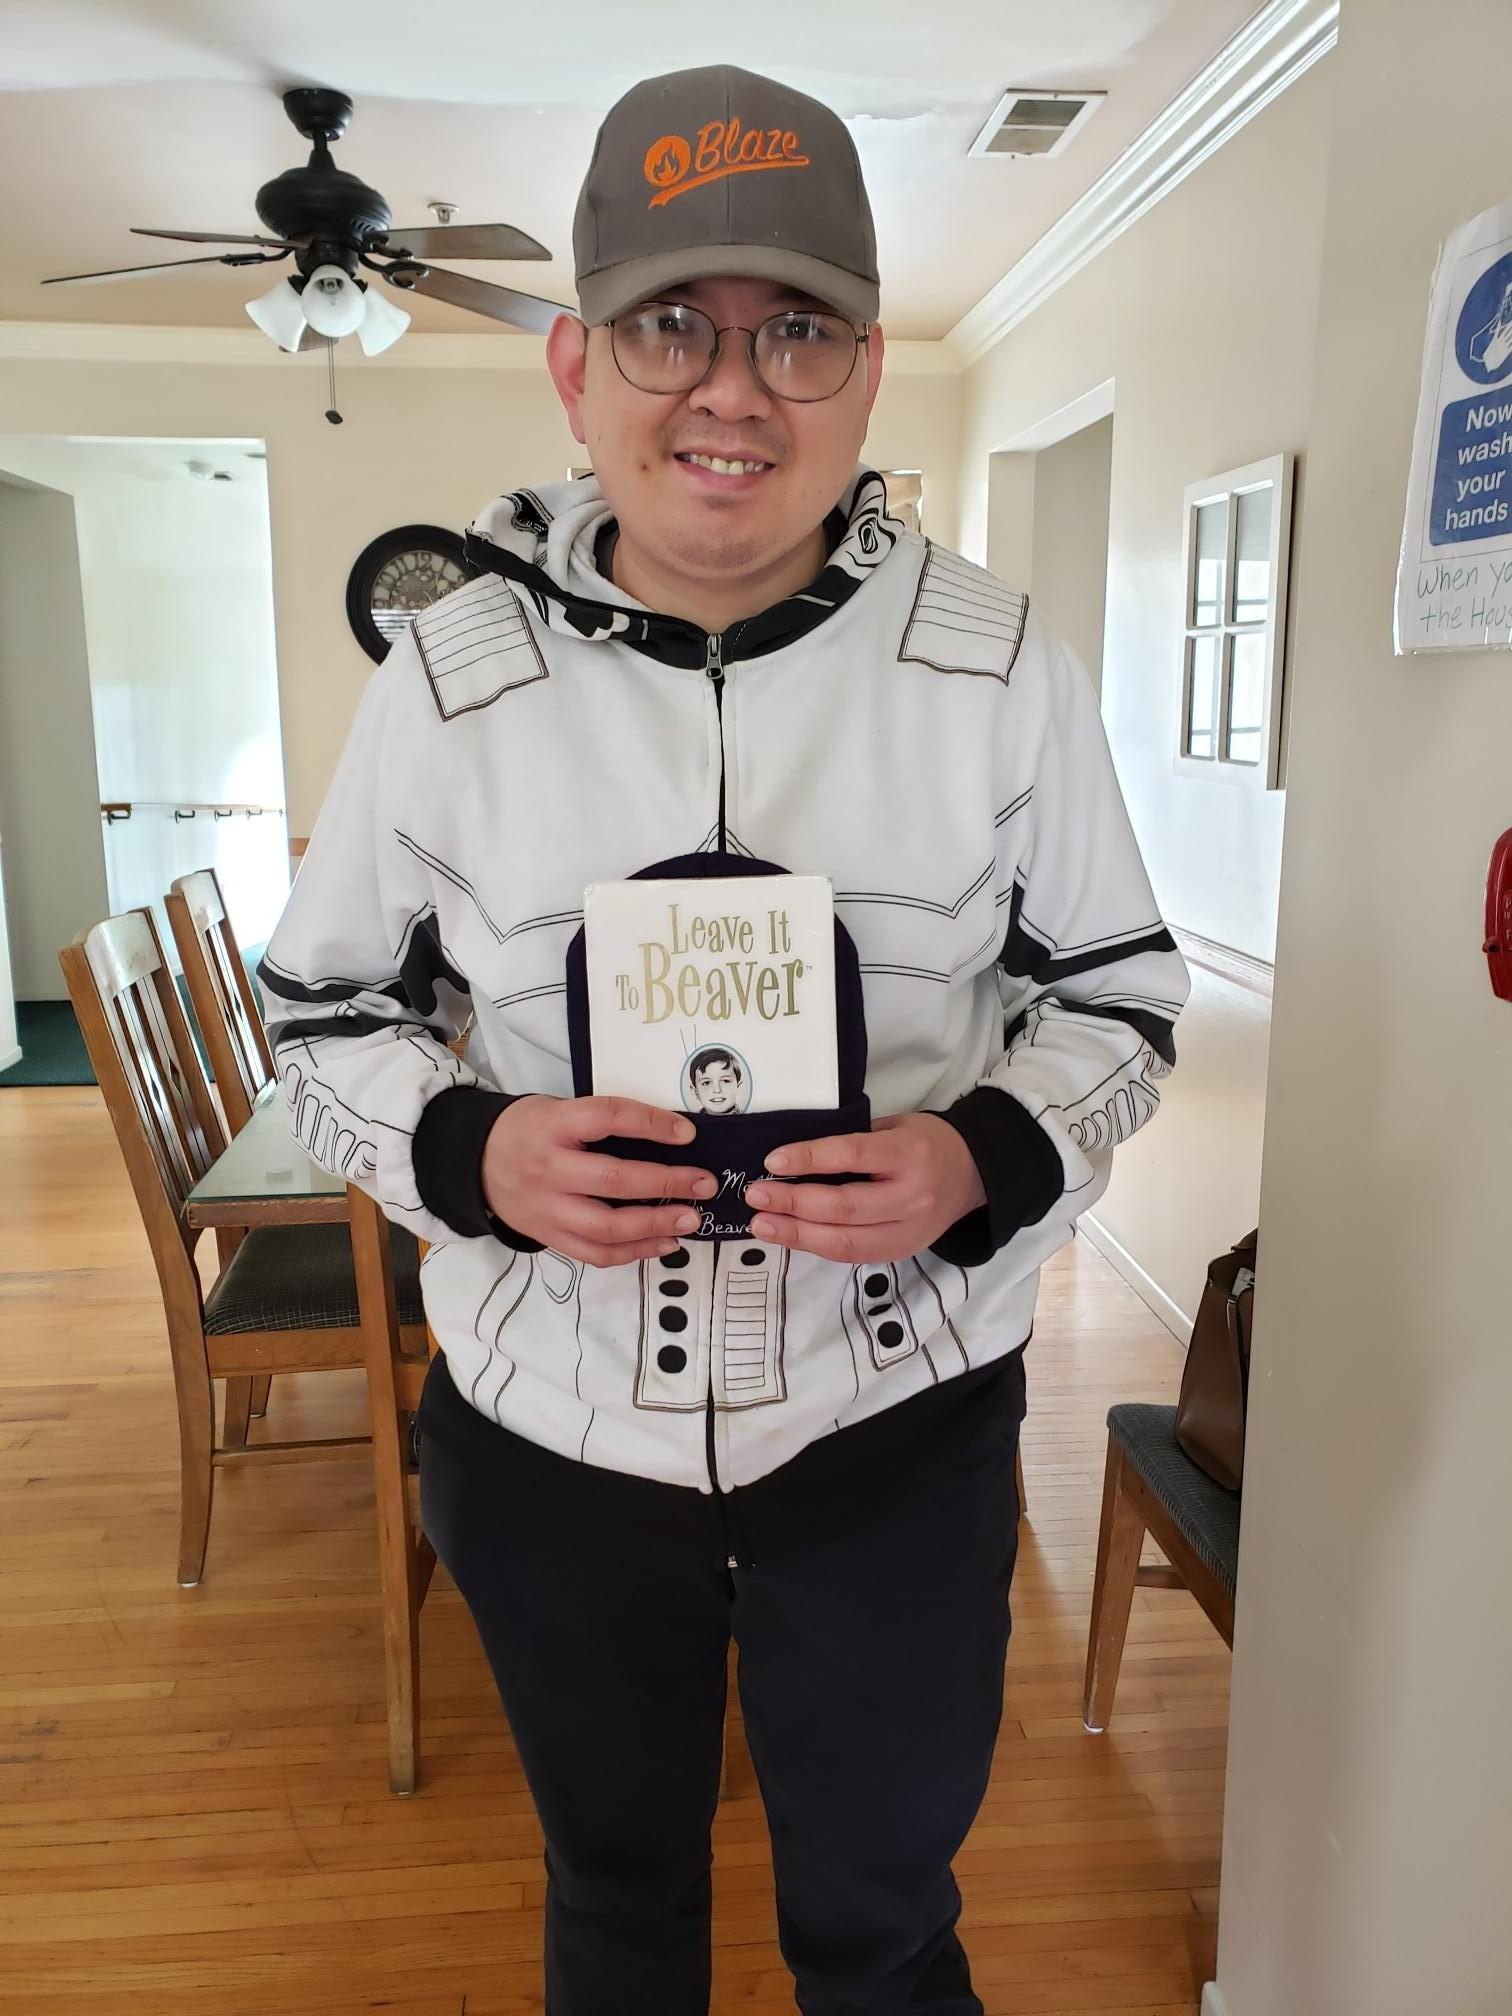 smiling man holding dvd & hat